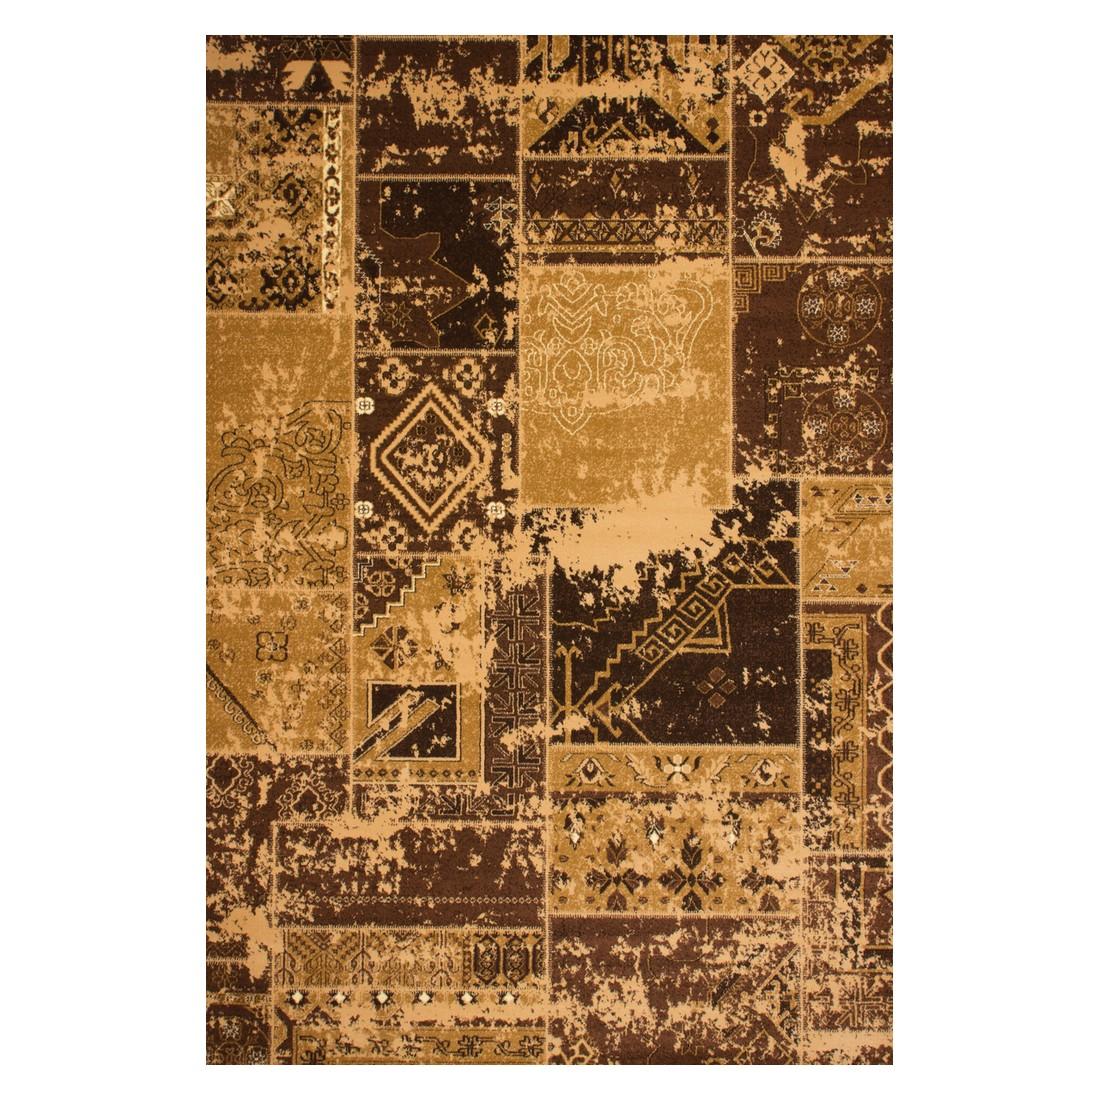 Teppich Retro – Beige – 120 x 170 cm, Obsession bestellen